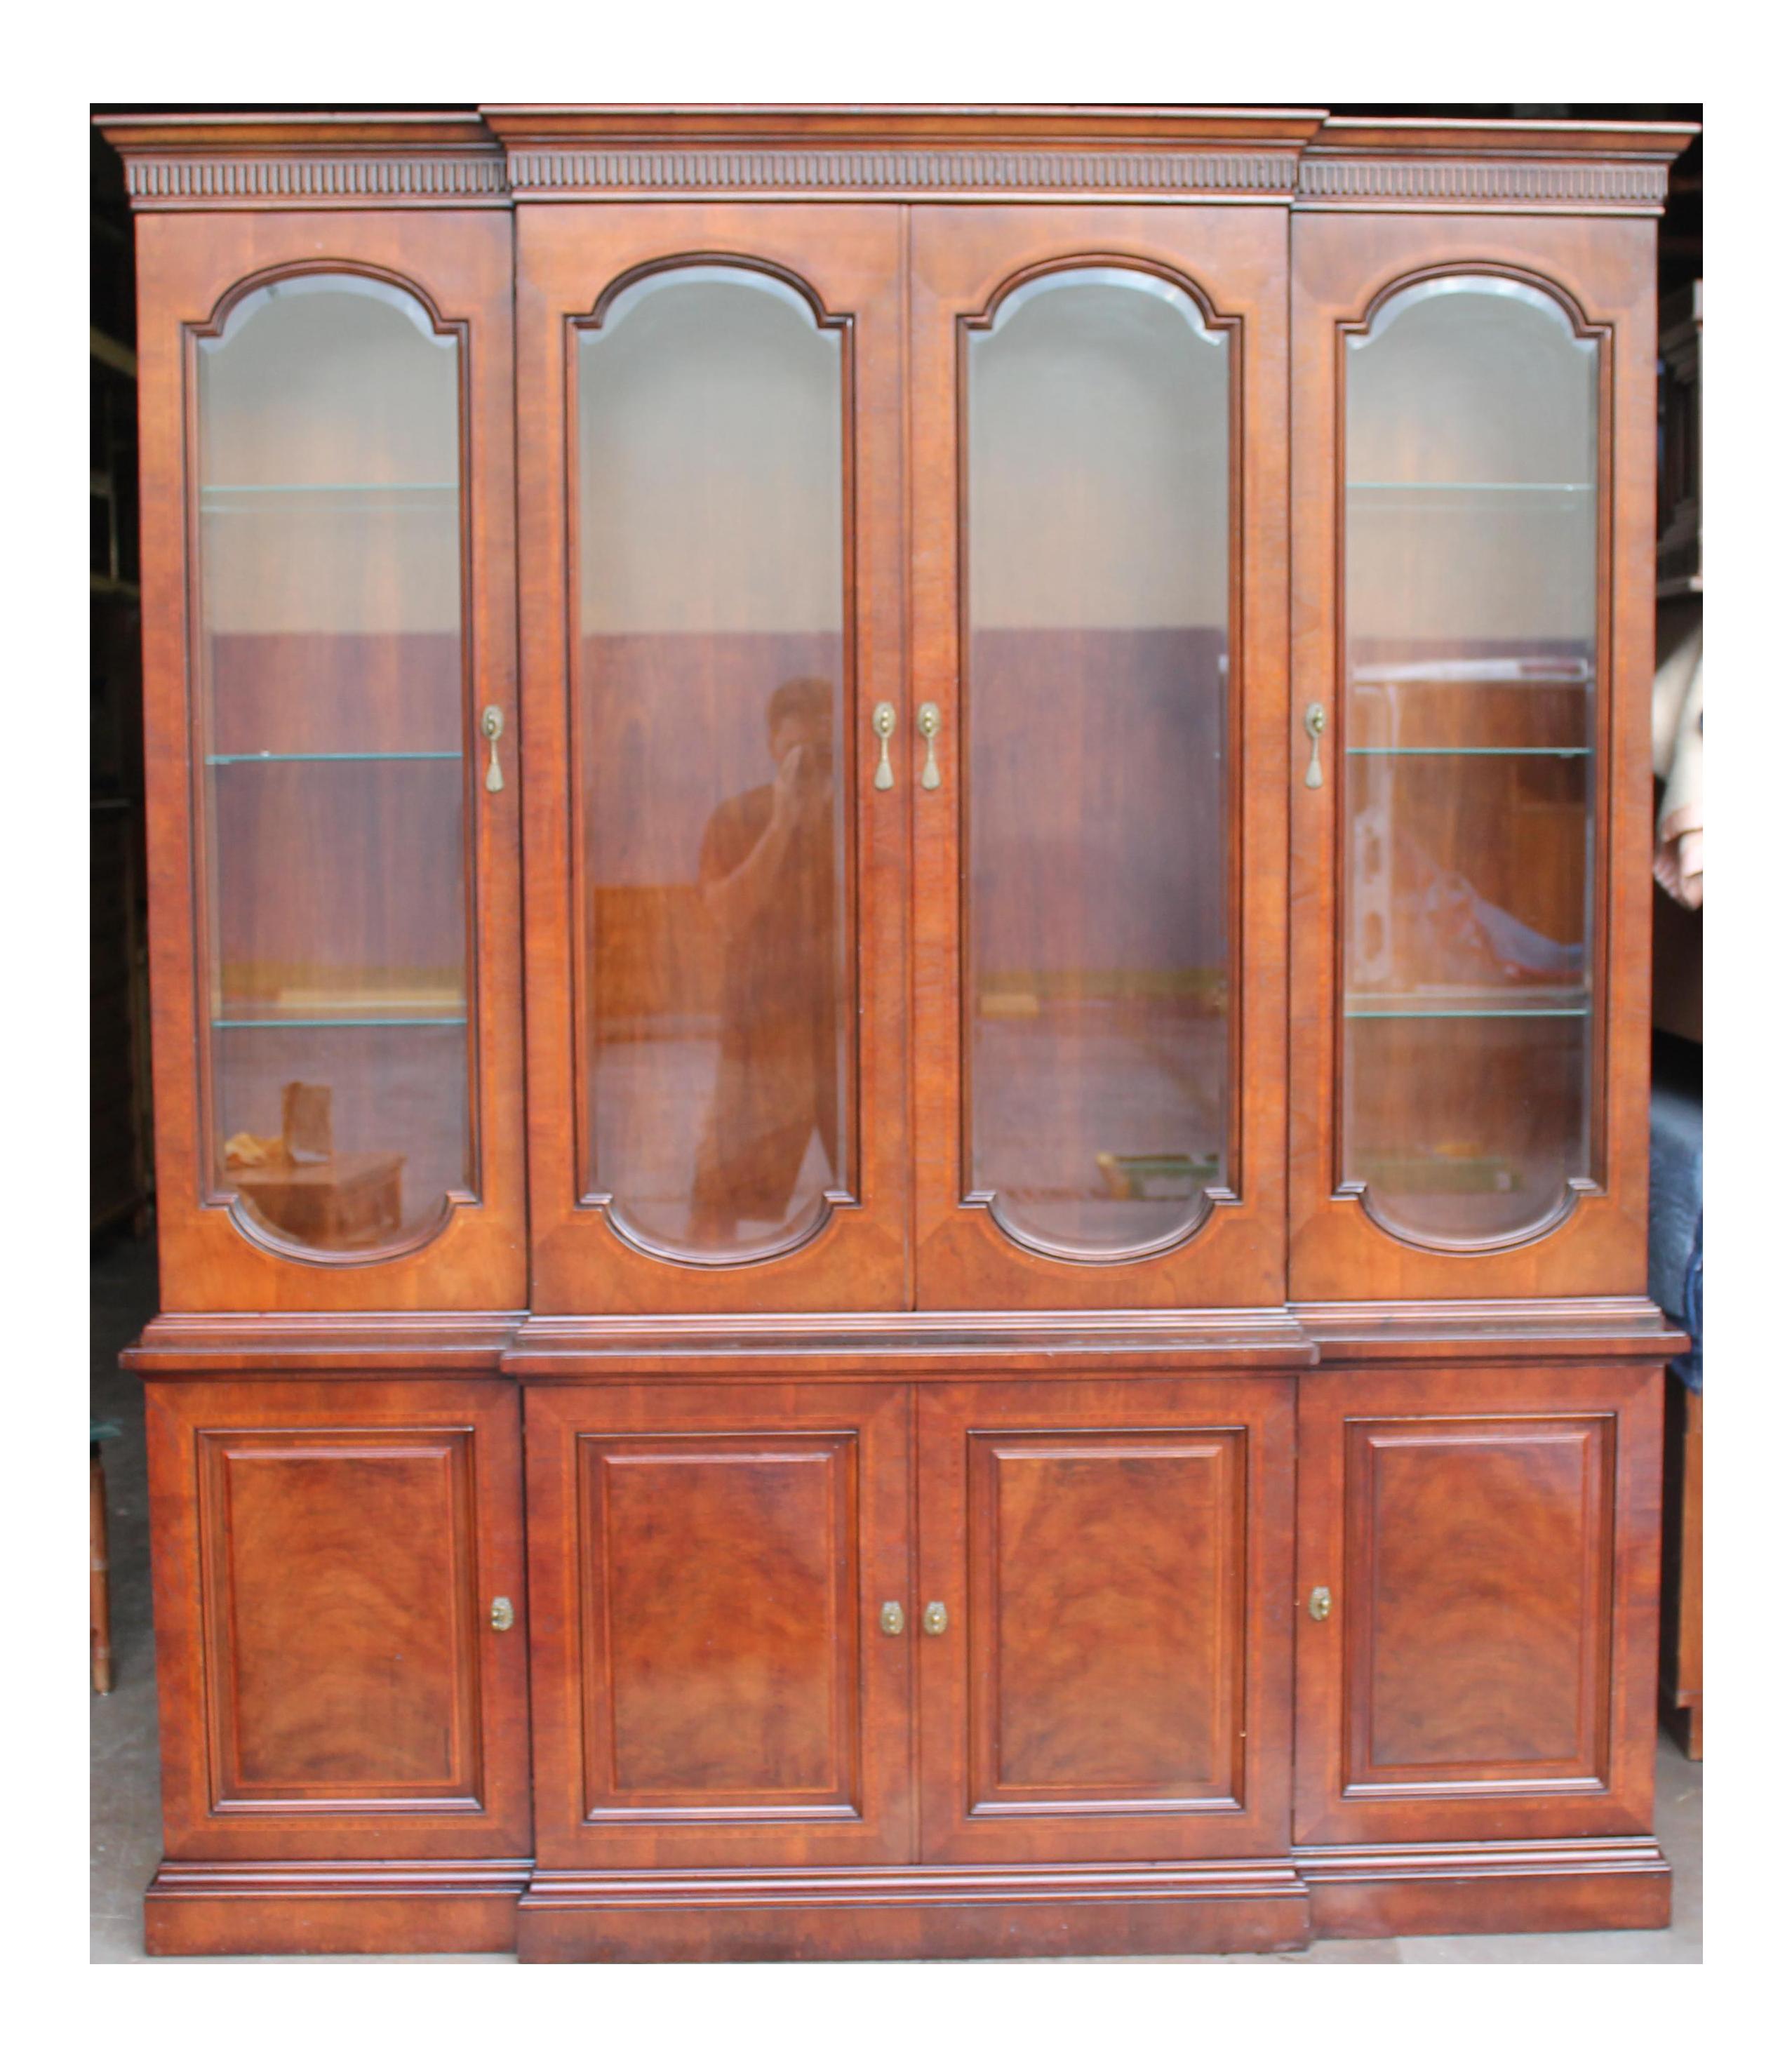 Beau Mid Century Henredon China Cabinet   Image 1 Of 11